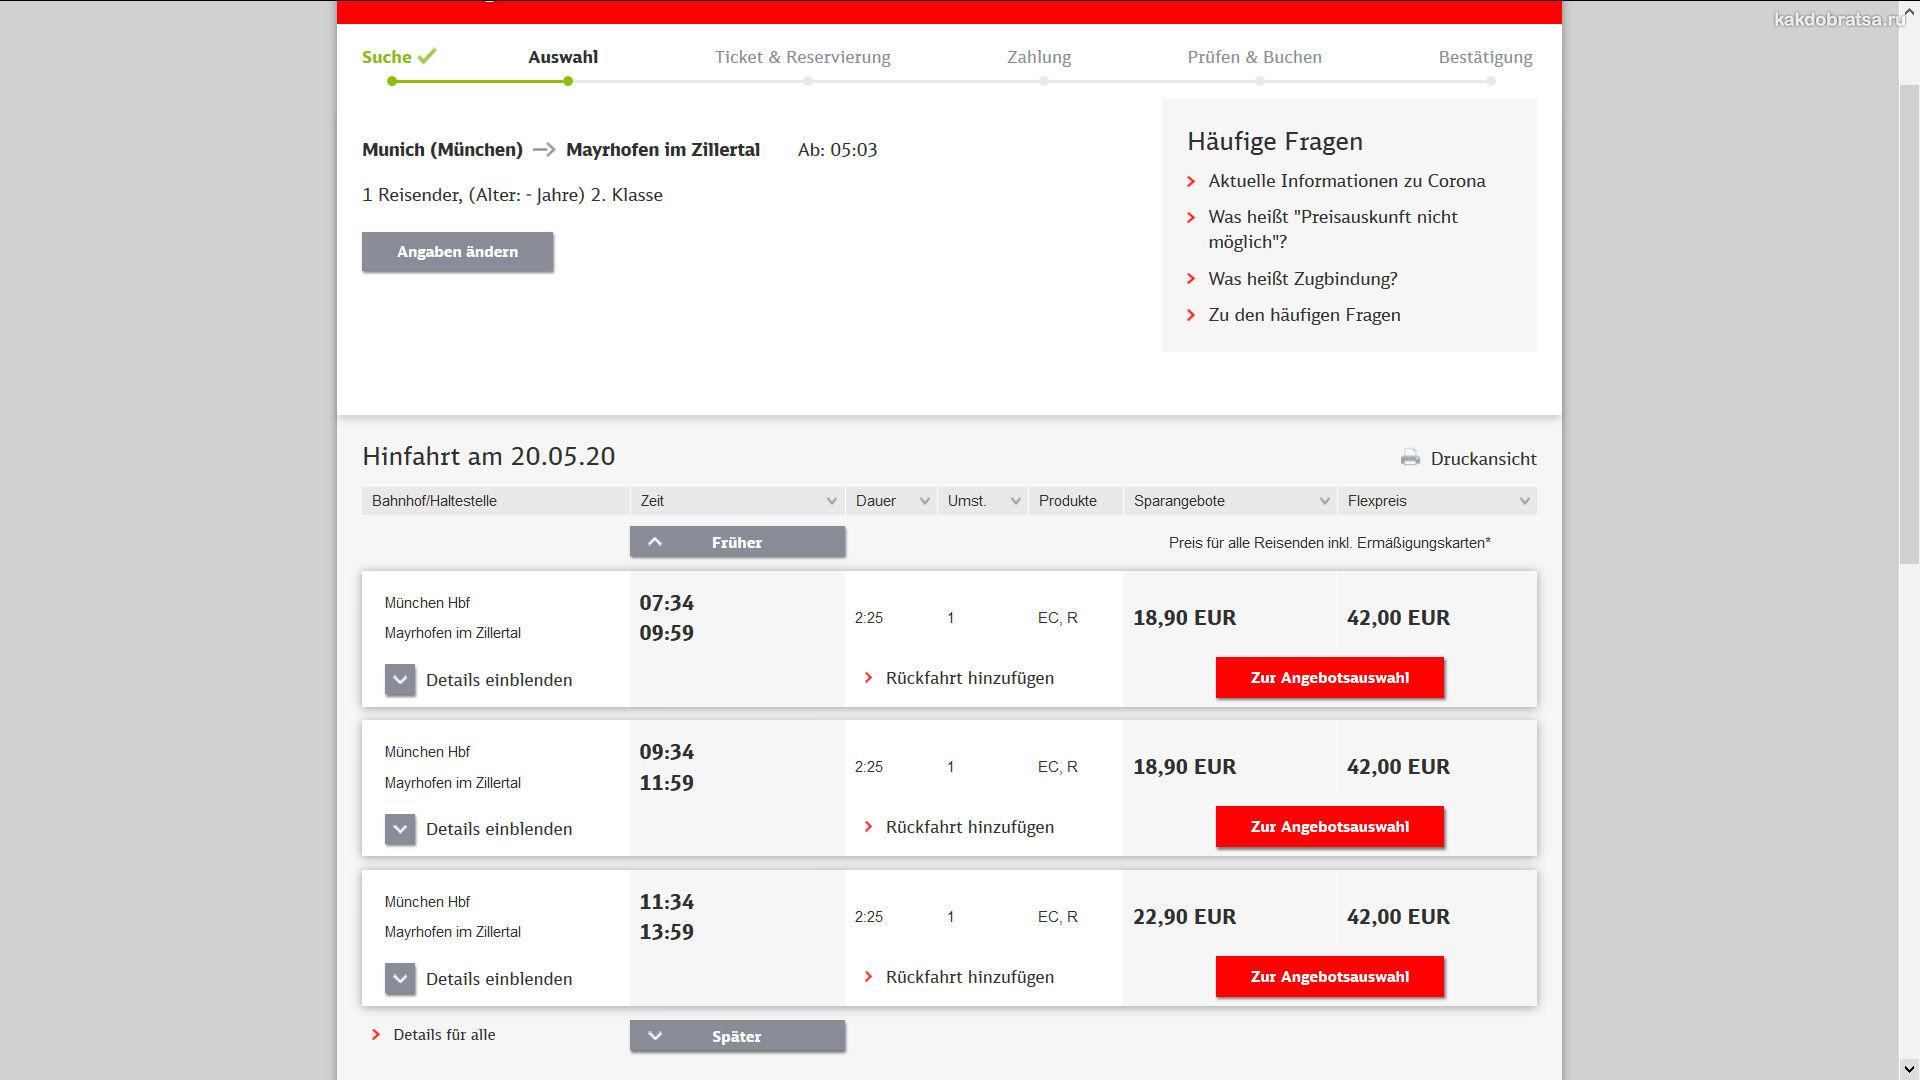 Поезд из Мюнхена в Майрхофен расписание и стоимость проезда